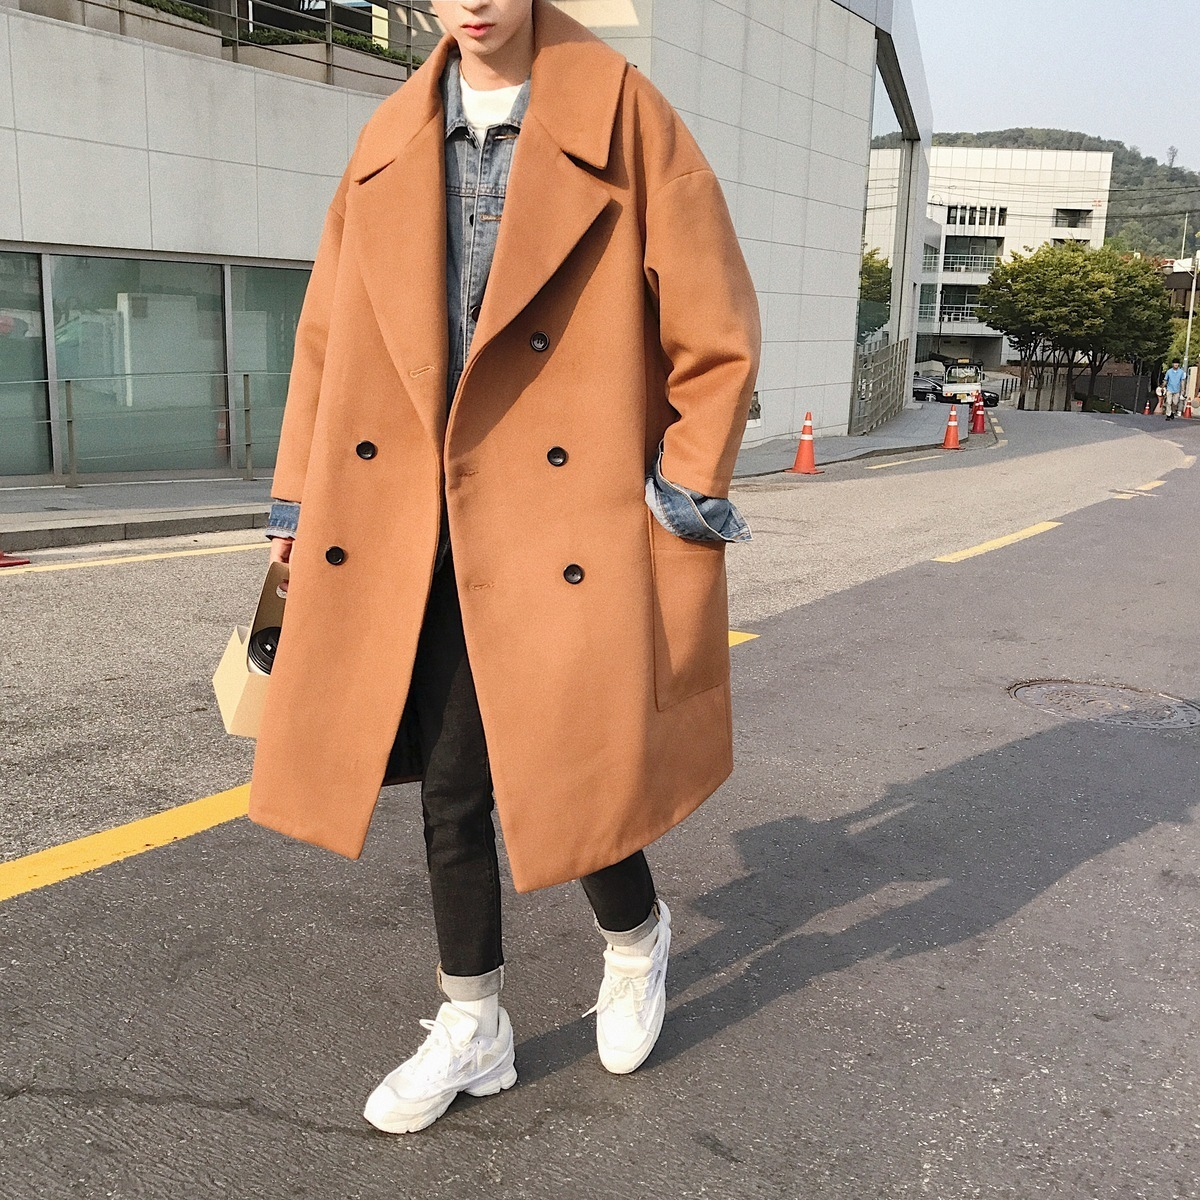 2018 зимний мужской шерстяной Тренч смесь, повседневные свободные кашемировые длинные пальто, шерстяная ветровка, верхняя одежда с хлопковой подкладкой